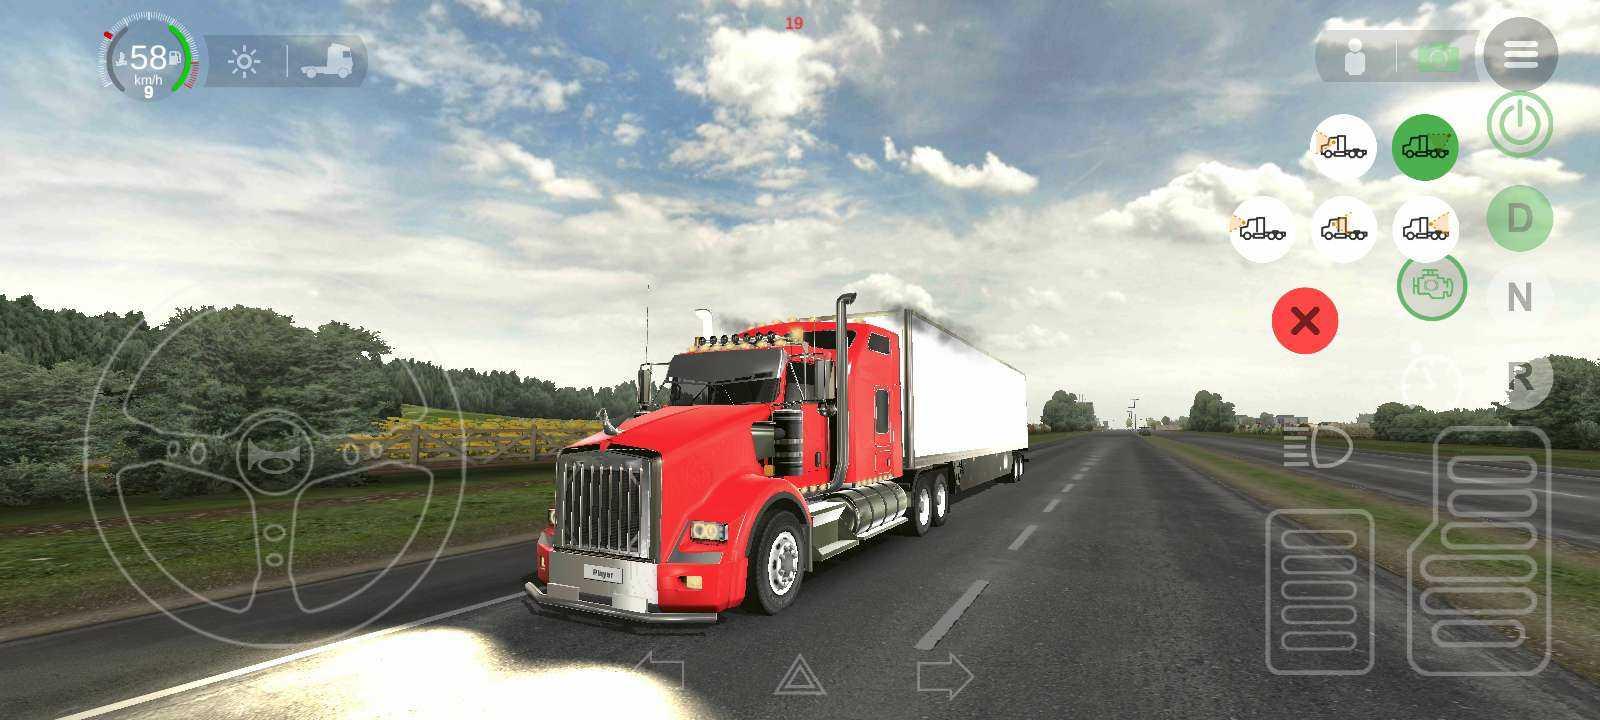 通用卡车模拟器手机版